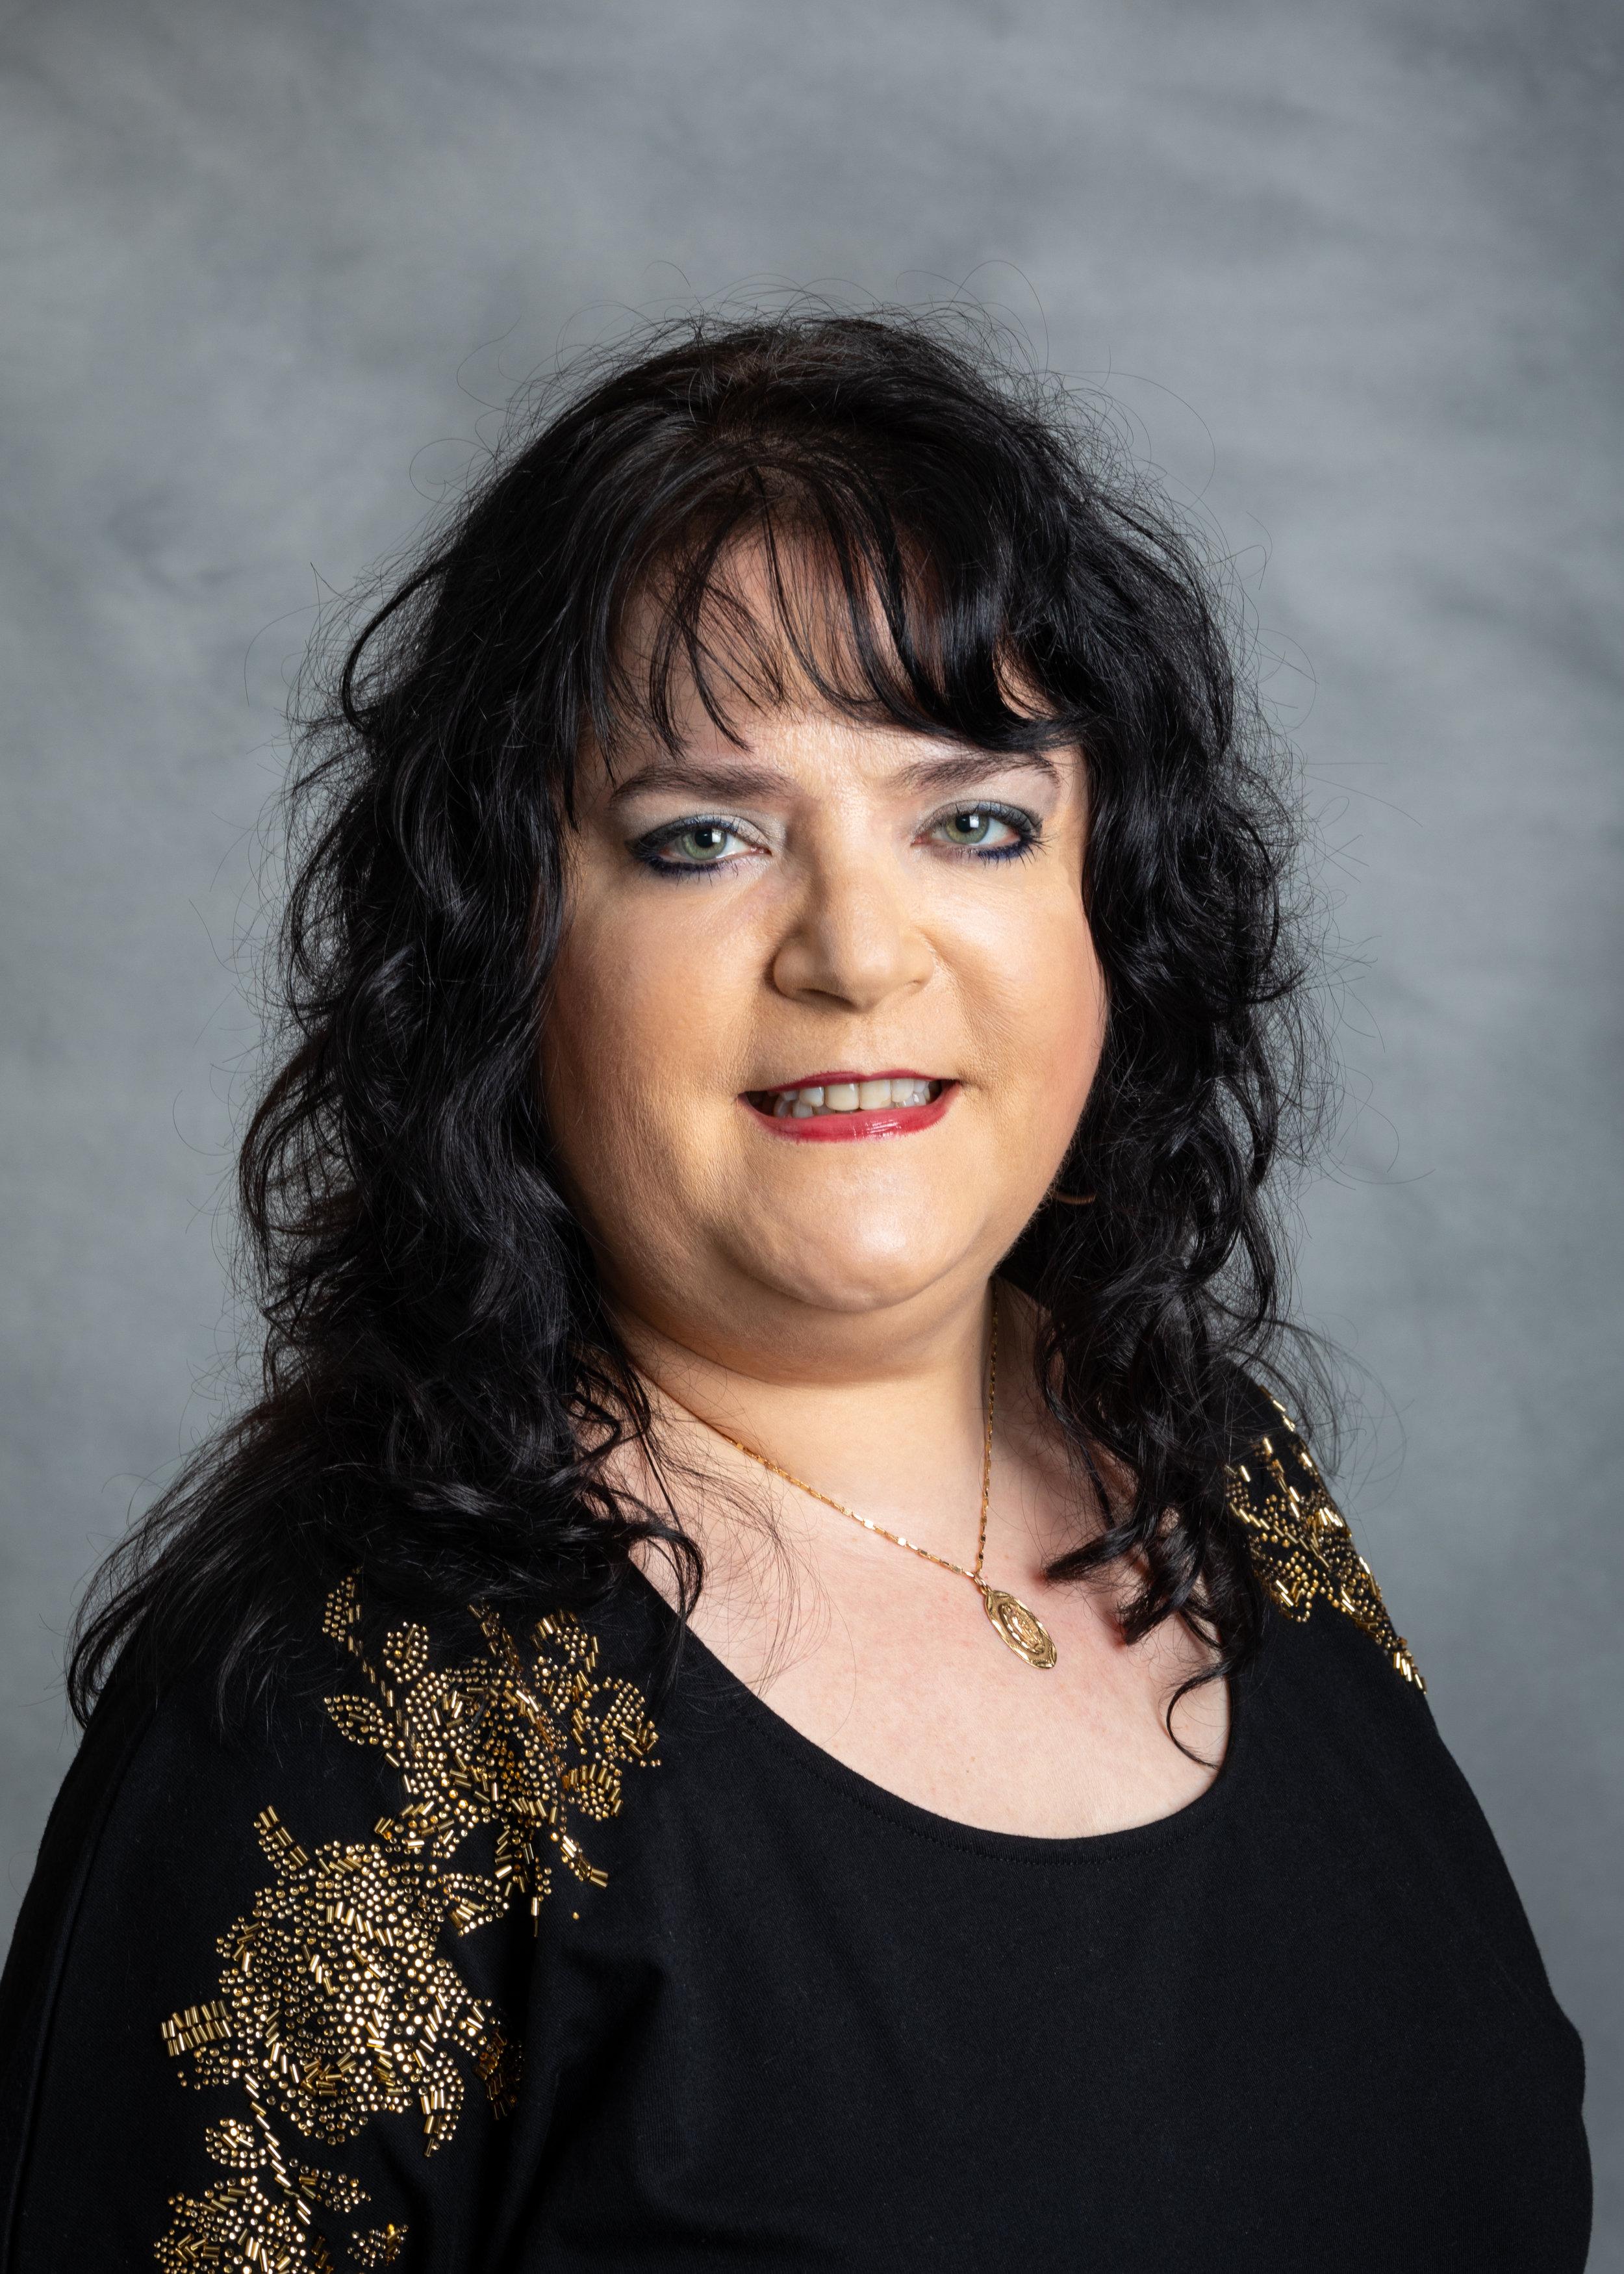 Heather Niebauer  Program Assistant  (330) 926-2528  hniebauer@summitlandbank.org